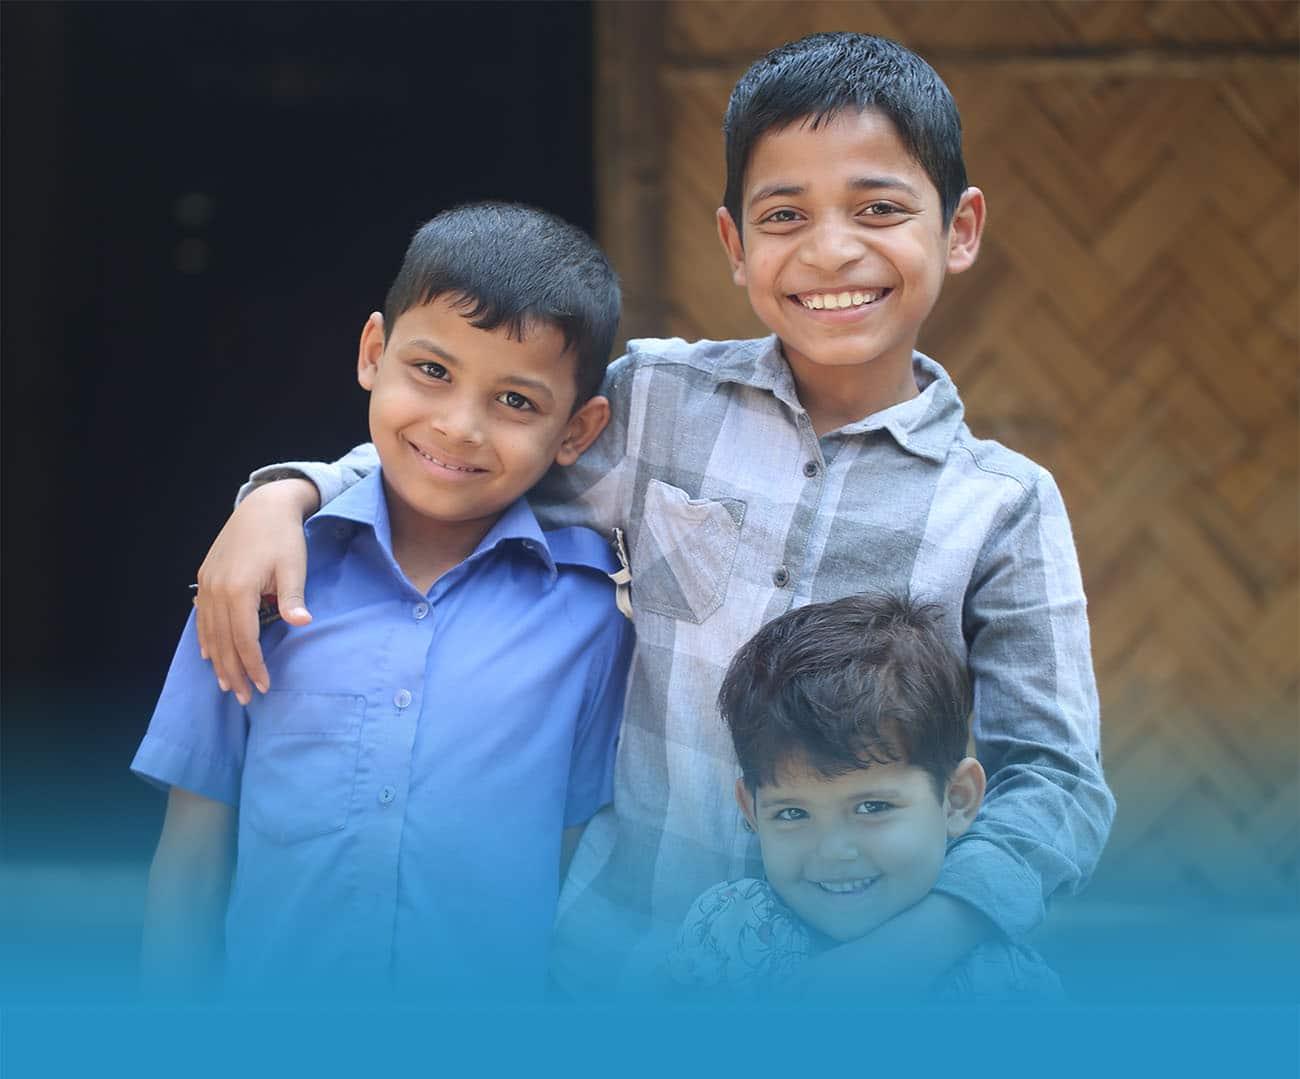 enfants réussite bangladesh